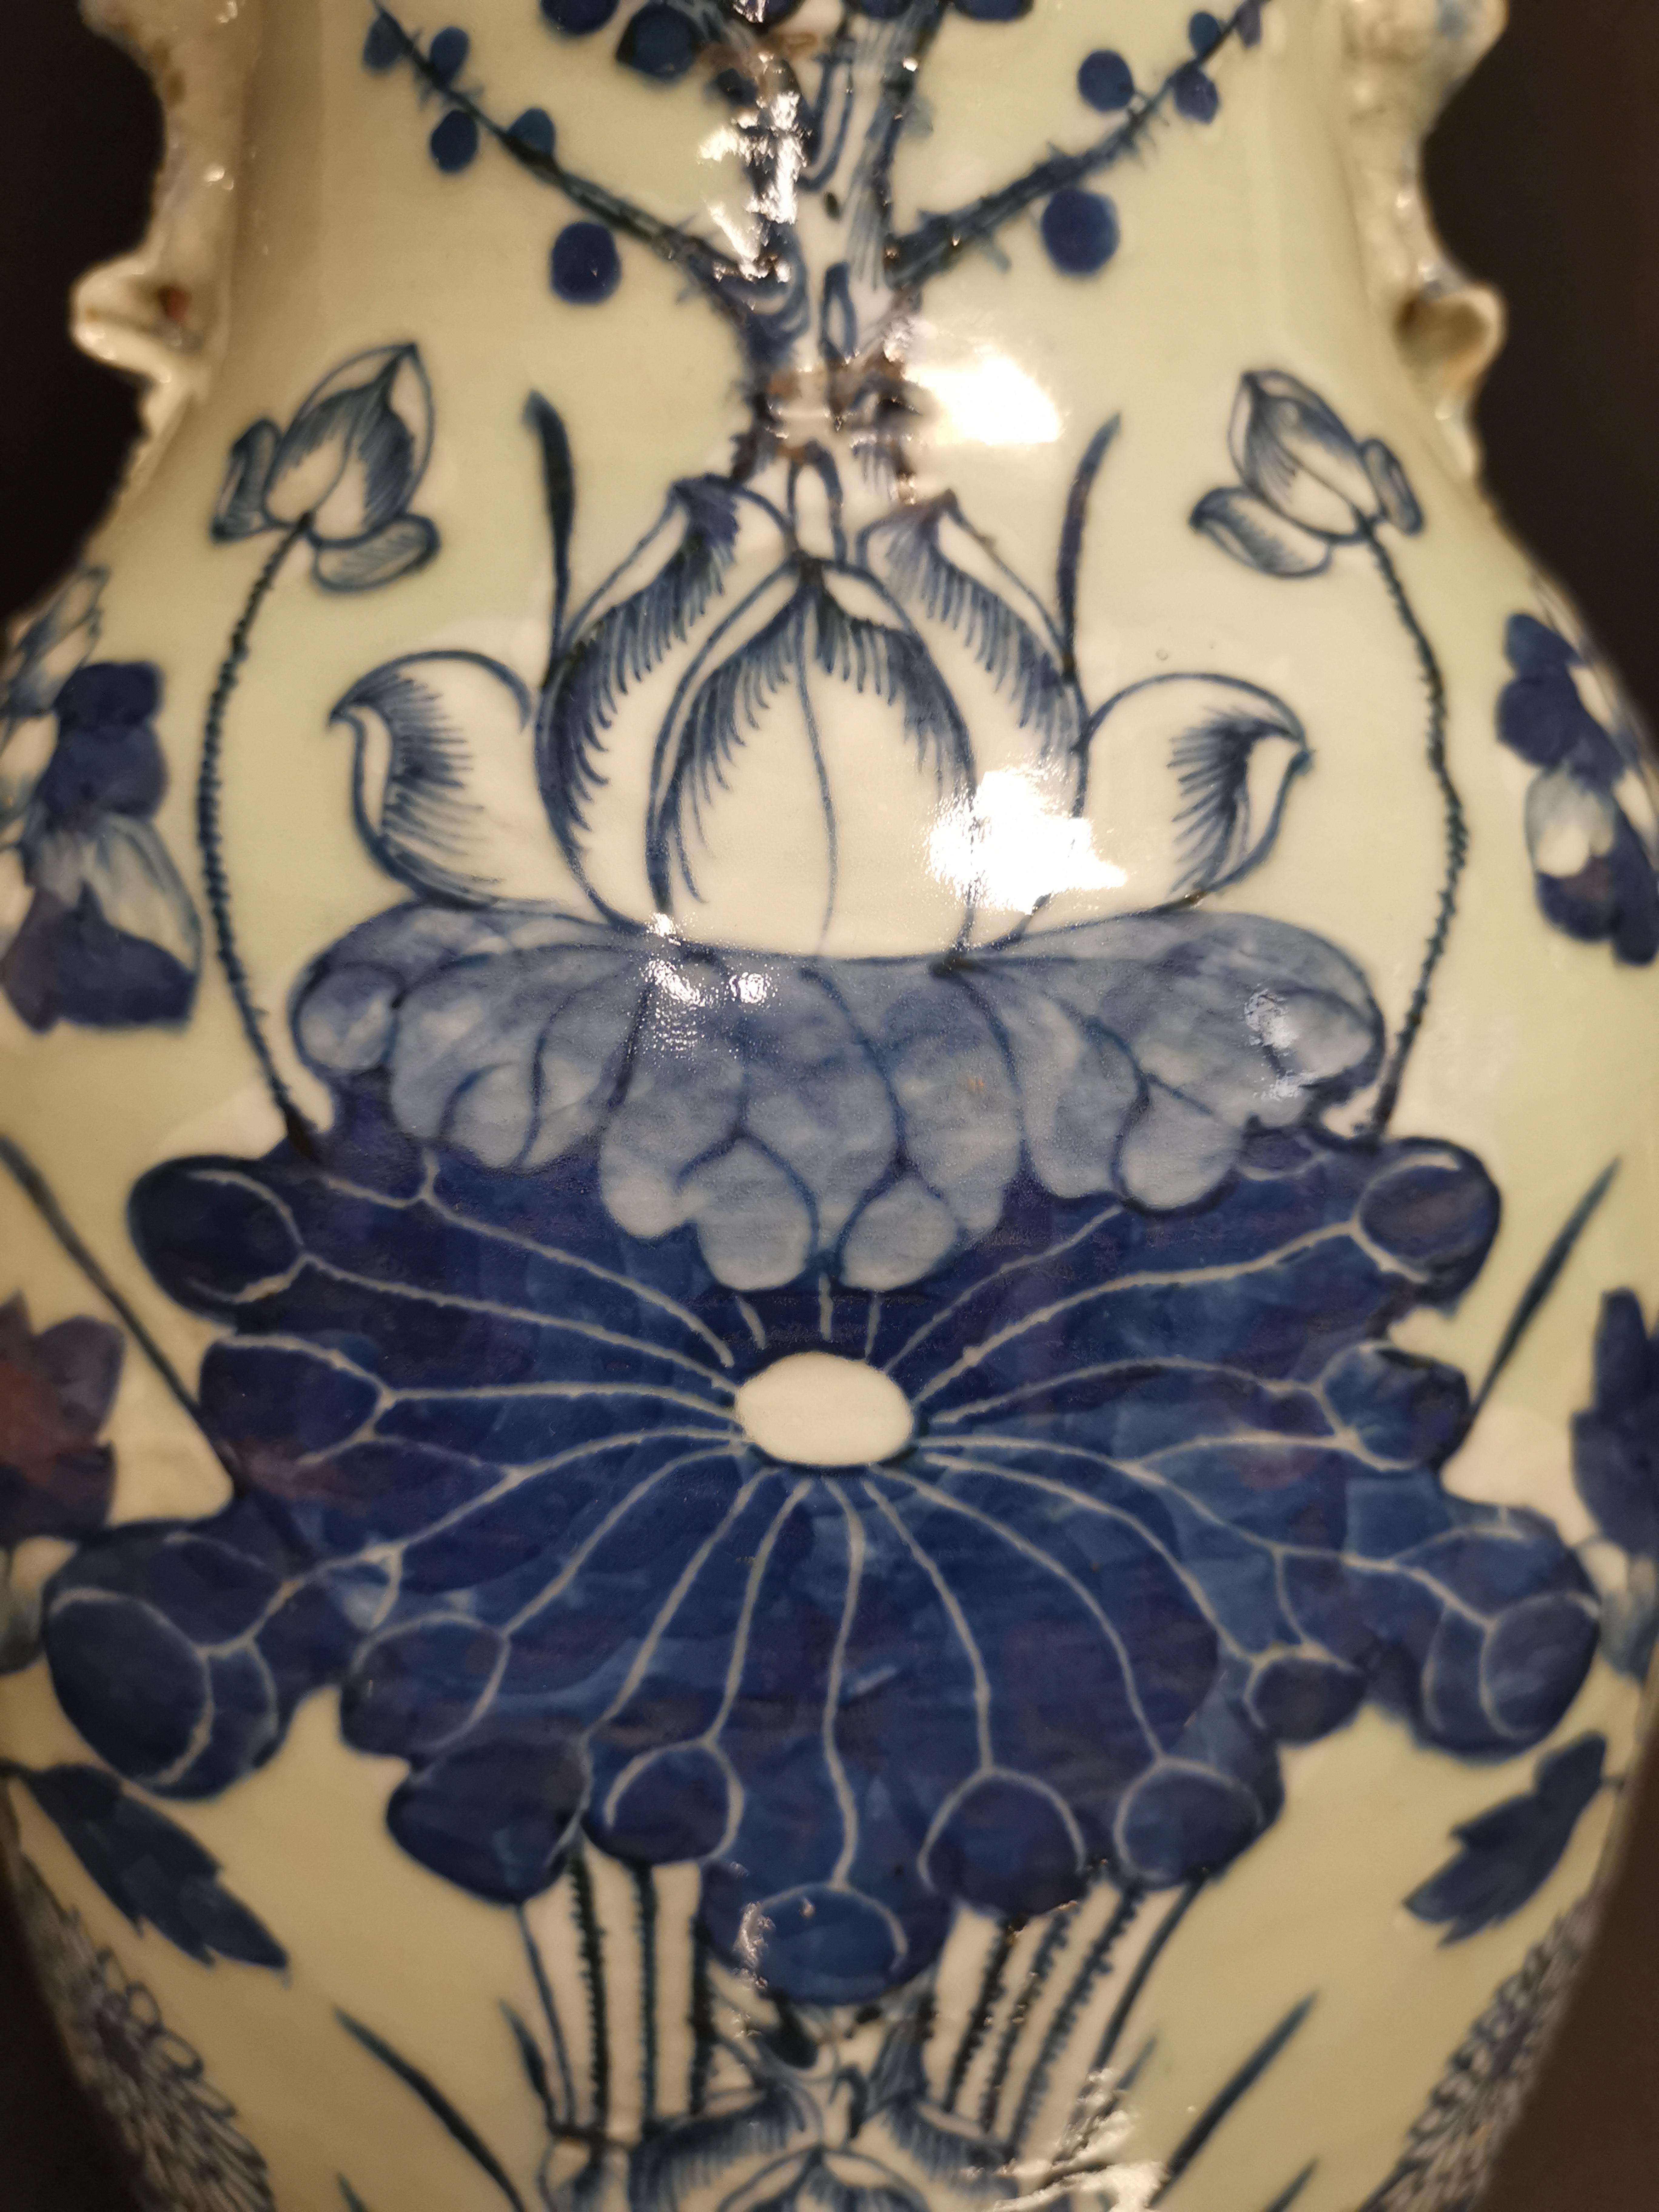 CHINE. Vase balustre en porcelaine à décor bleu sur fond blanc de fleurs de lotus, [...] - Image 3 of 3